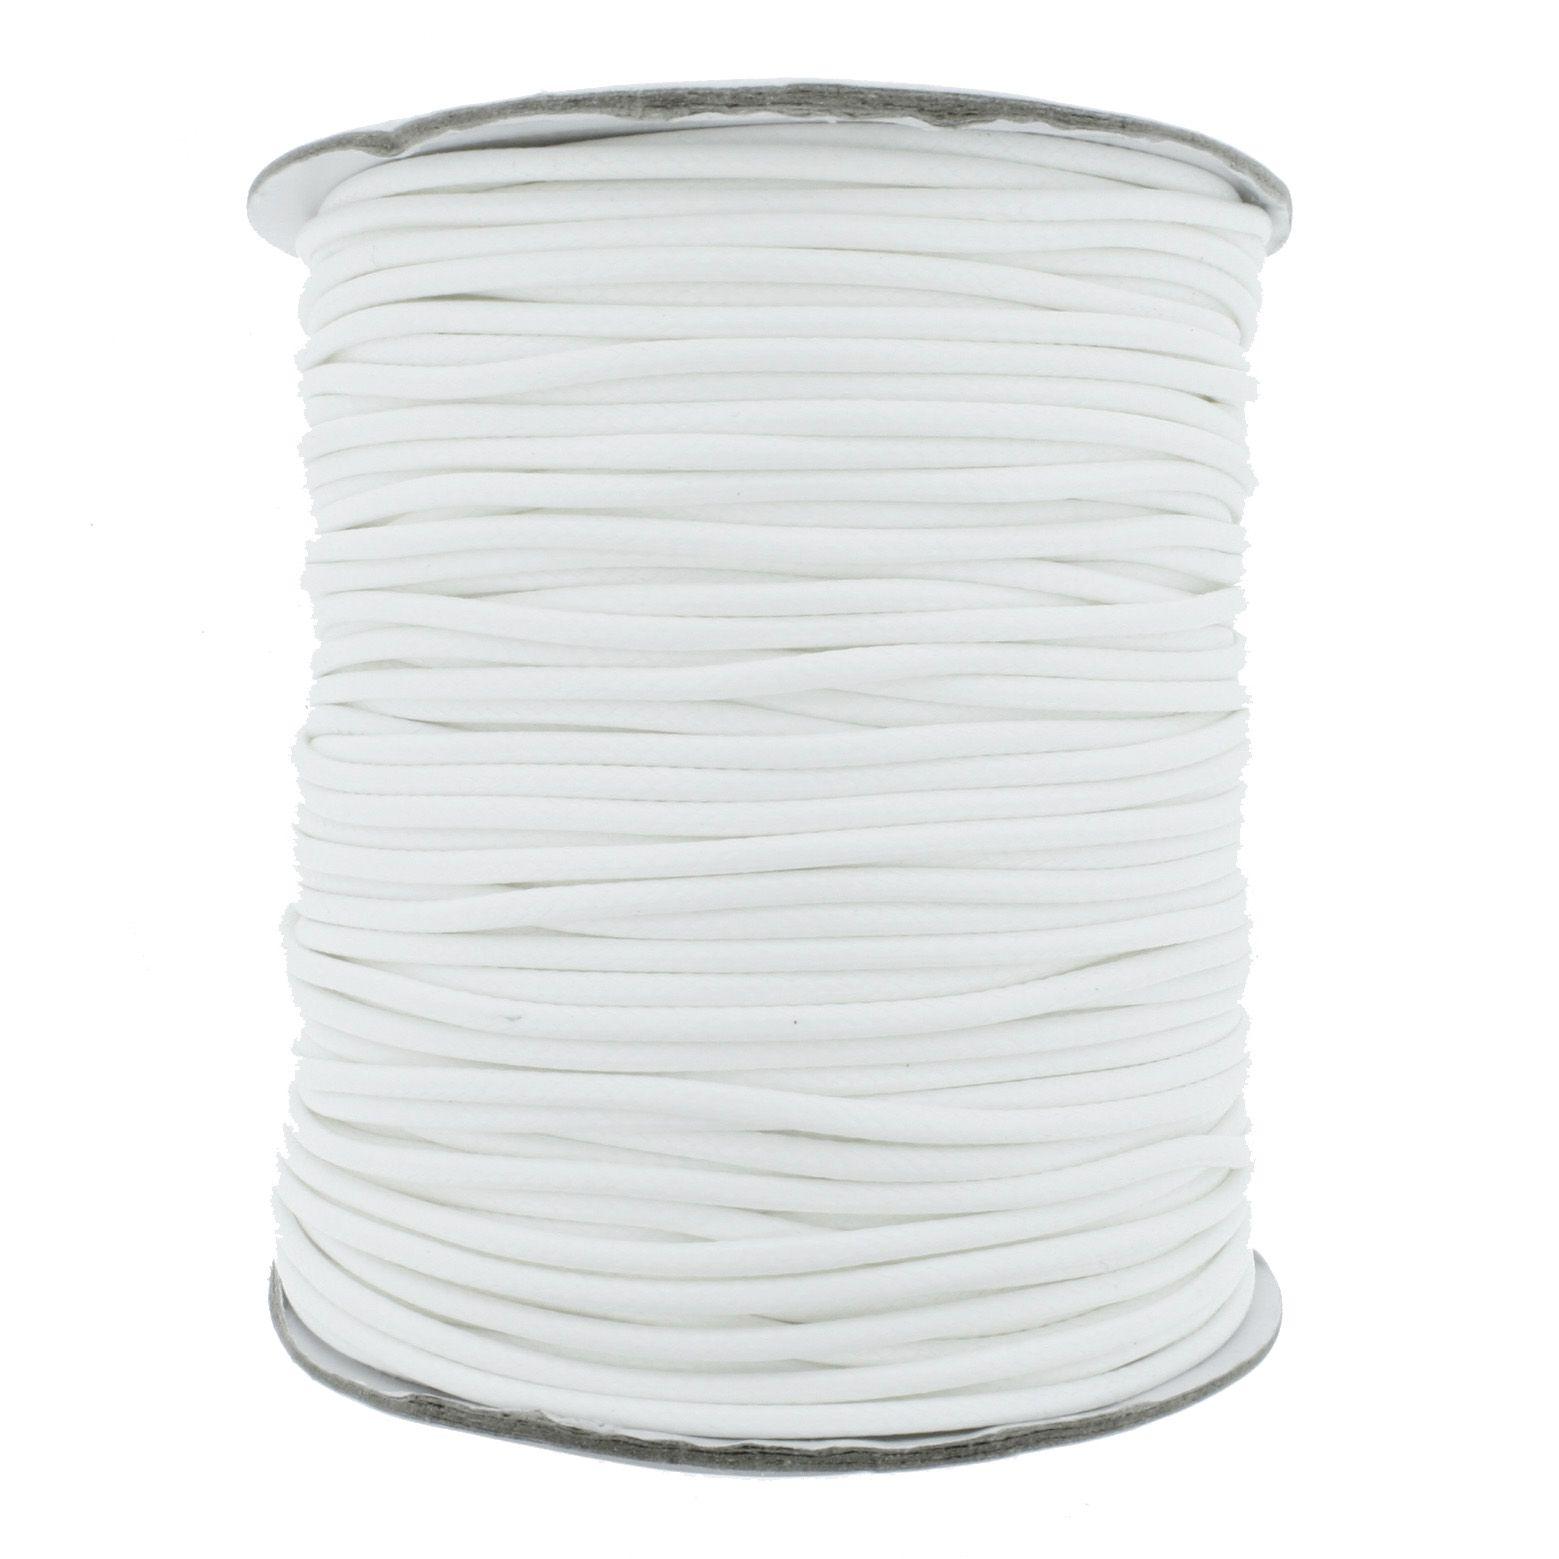 Cordão Encerado - Premium® - Branco - 2mm  - Stéphanie Bijoux® - Peças para Bijuterias e Artesanato